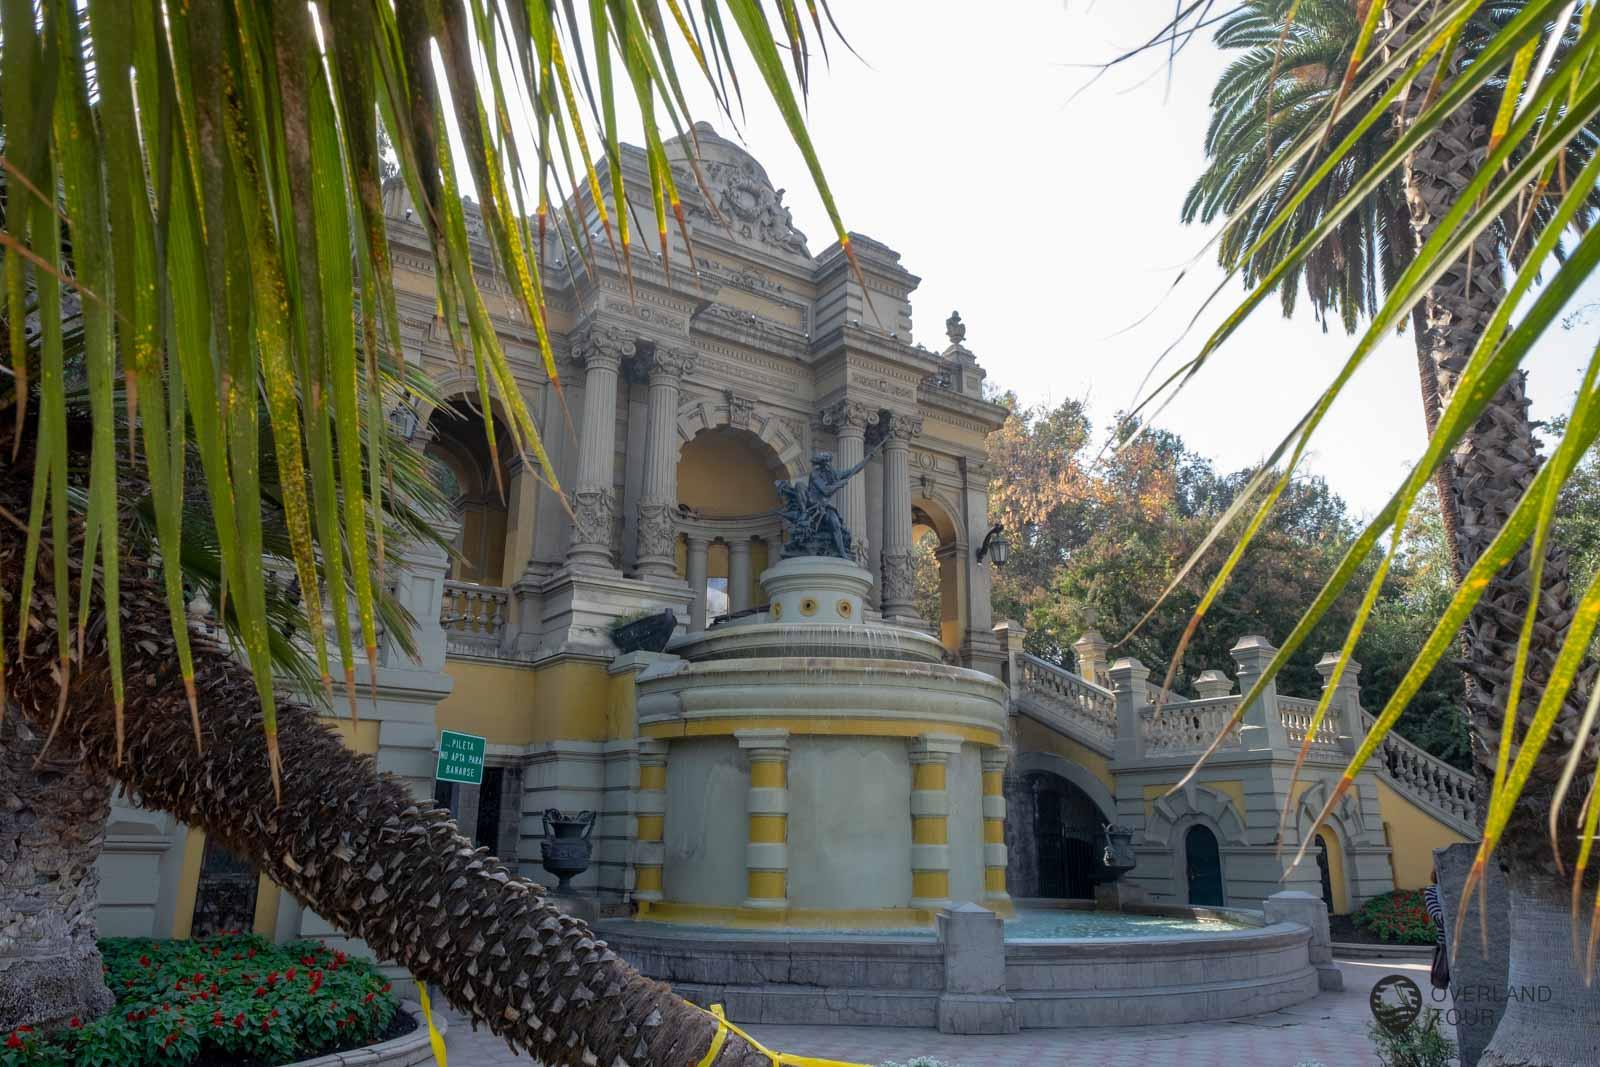 Santiago De Chile Sehenswürdigkeiten Overlandtour